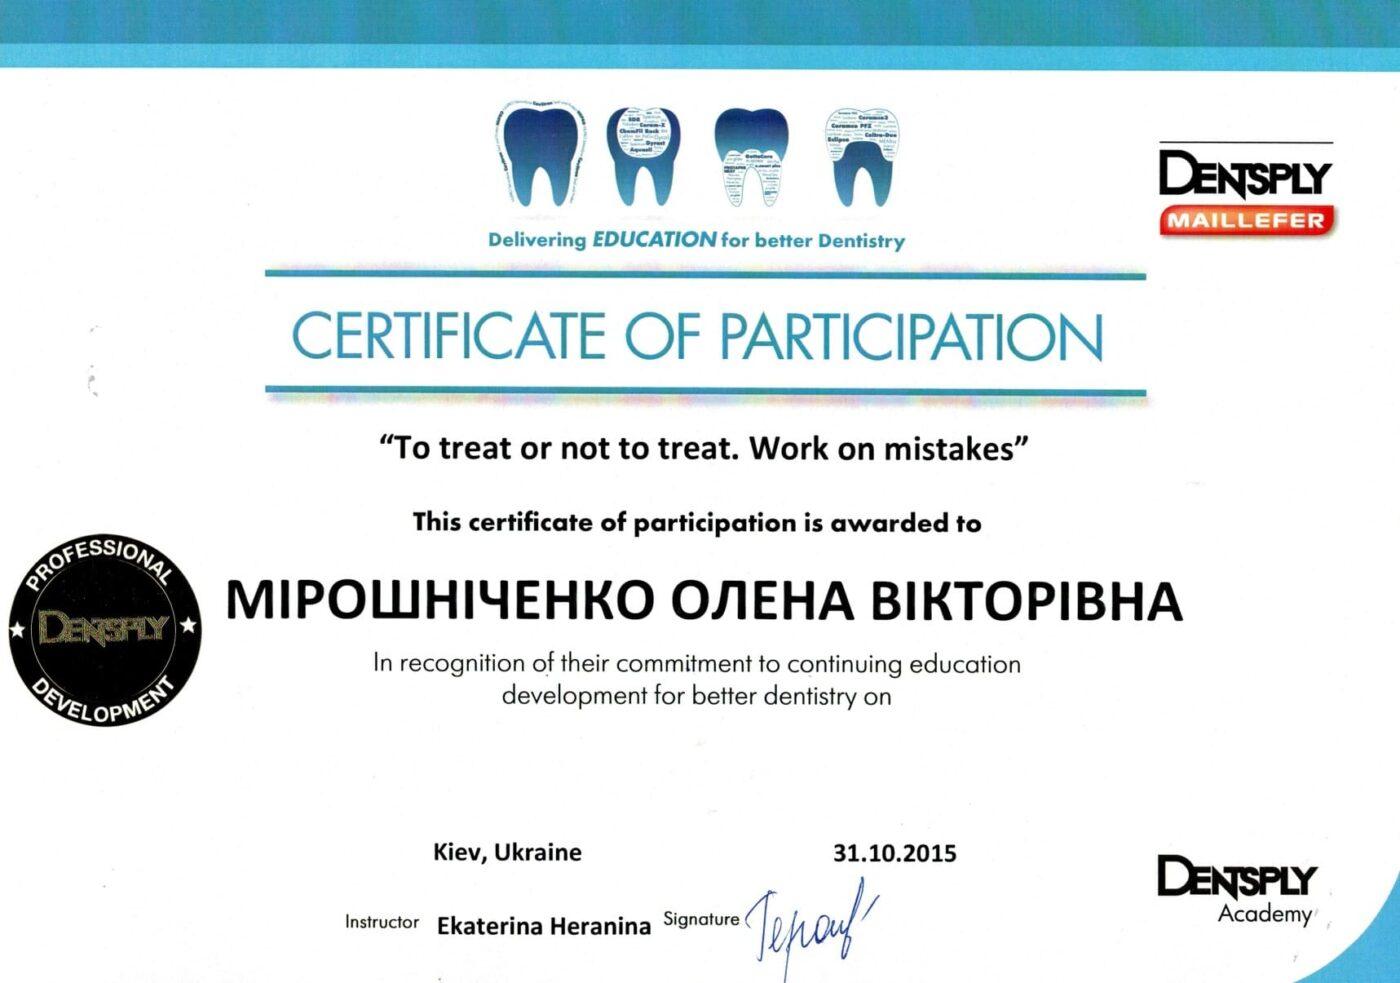 Сертифікат дитячого лікаря стоматолога Мірошниченко Олени Вікторівни об участі у курсі (To treat or not to treat. Work on mistakes)